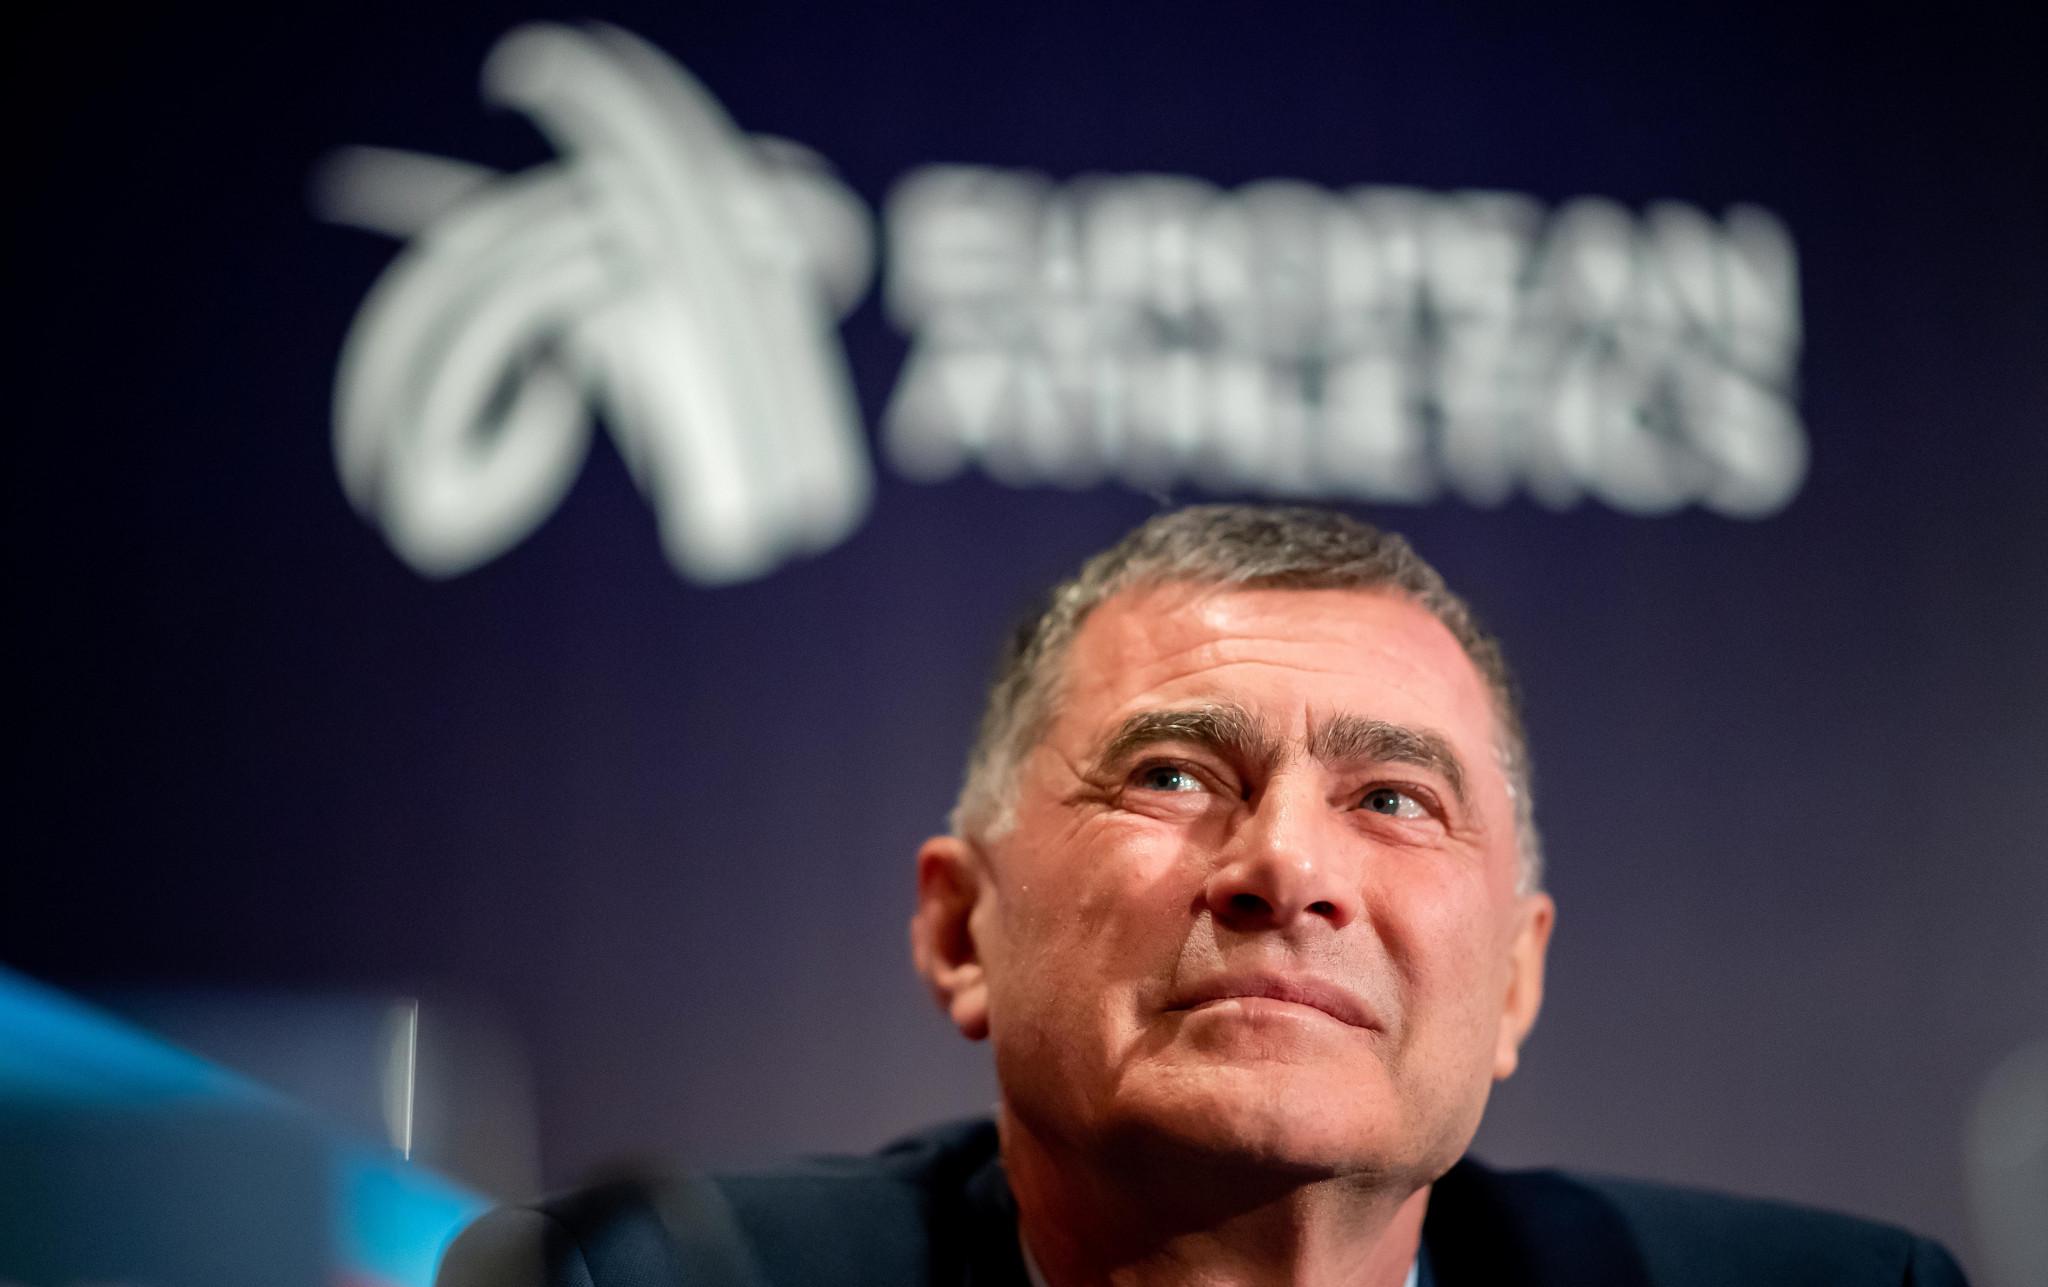 European Athletics Interim President Dobromir Karamarinov believes the Munich 2022 European Championships will be